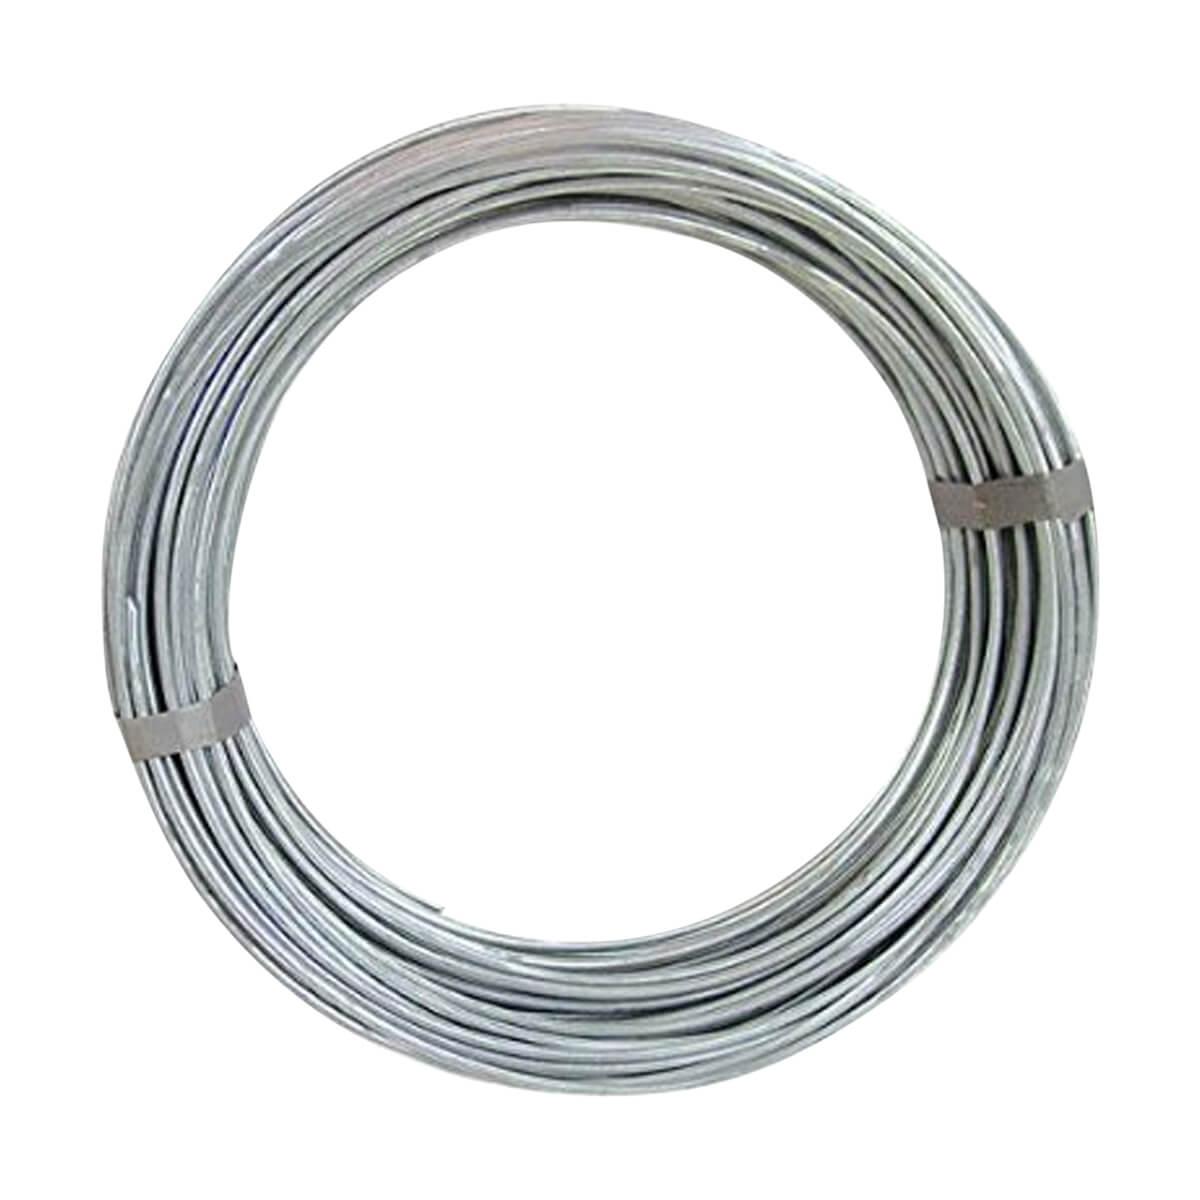 Galvanized Wire - 9GA - 10 lb